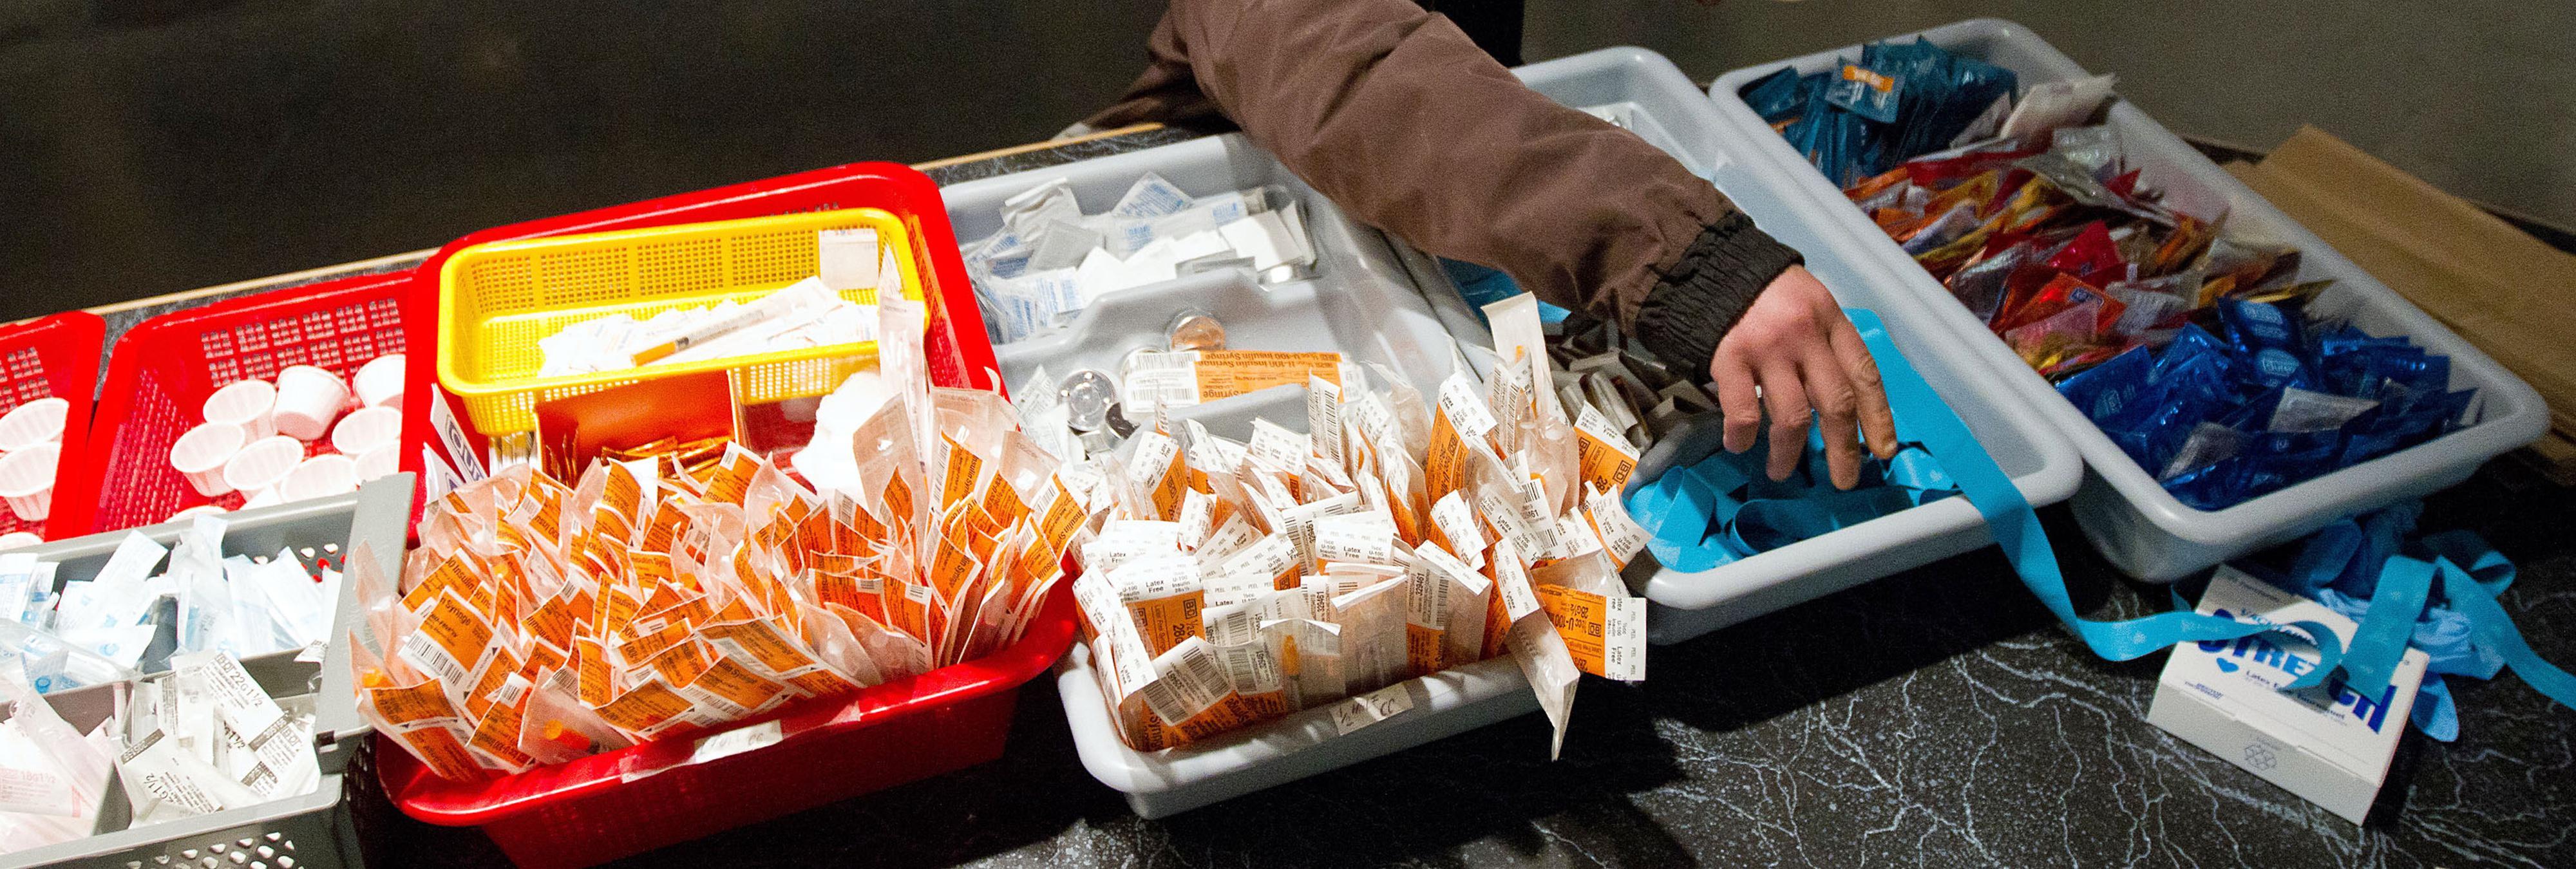 Canadá legaliza la heroína (más o menos)